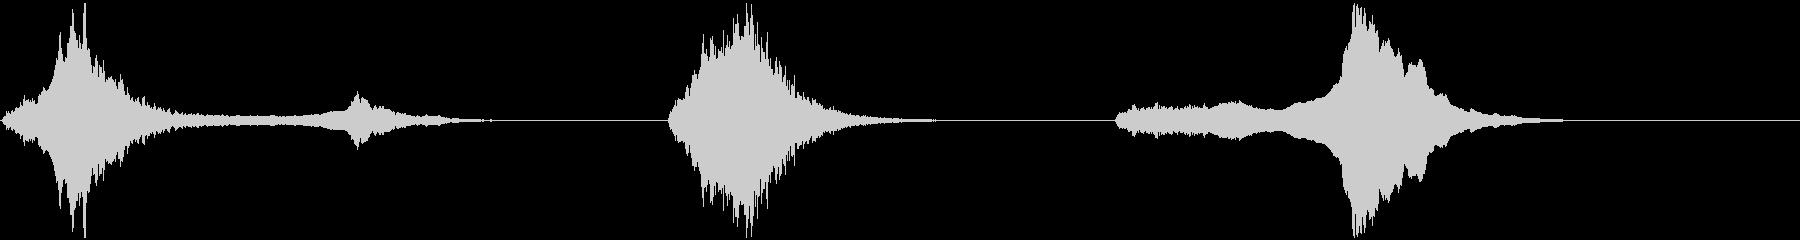 音楽:不気味なビッグチベットホーン。の未再生の波形